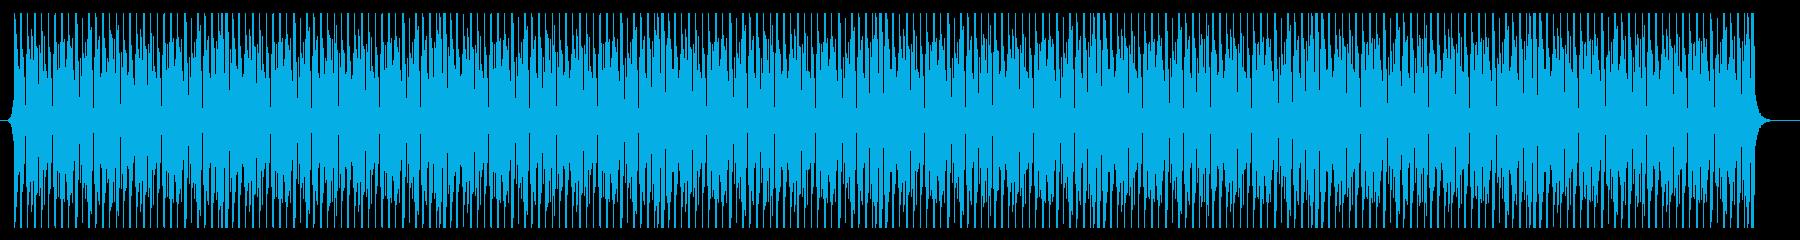 軽快、リズミカルなテクノビートBGMの再生済みの波形